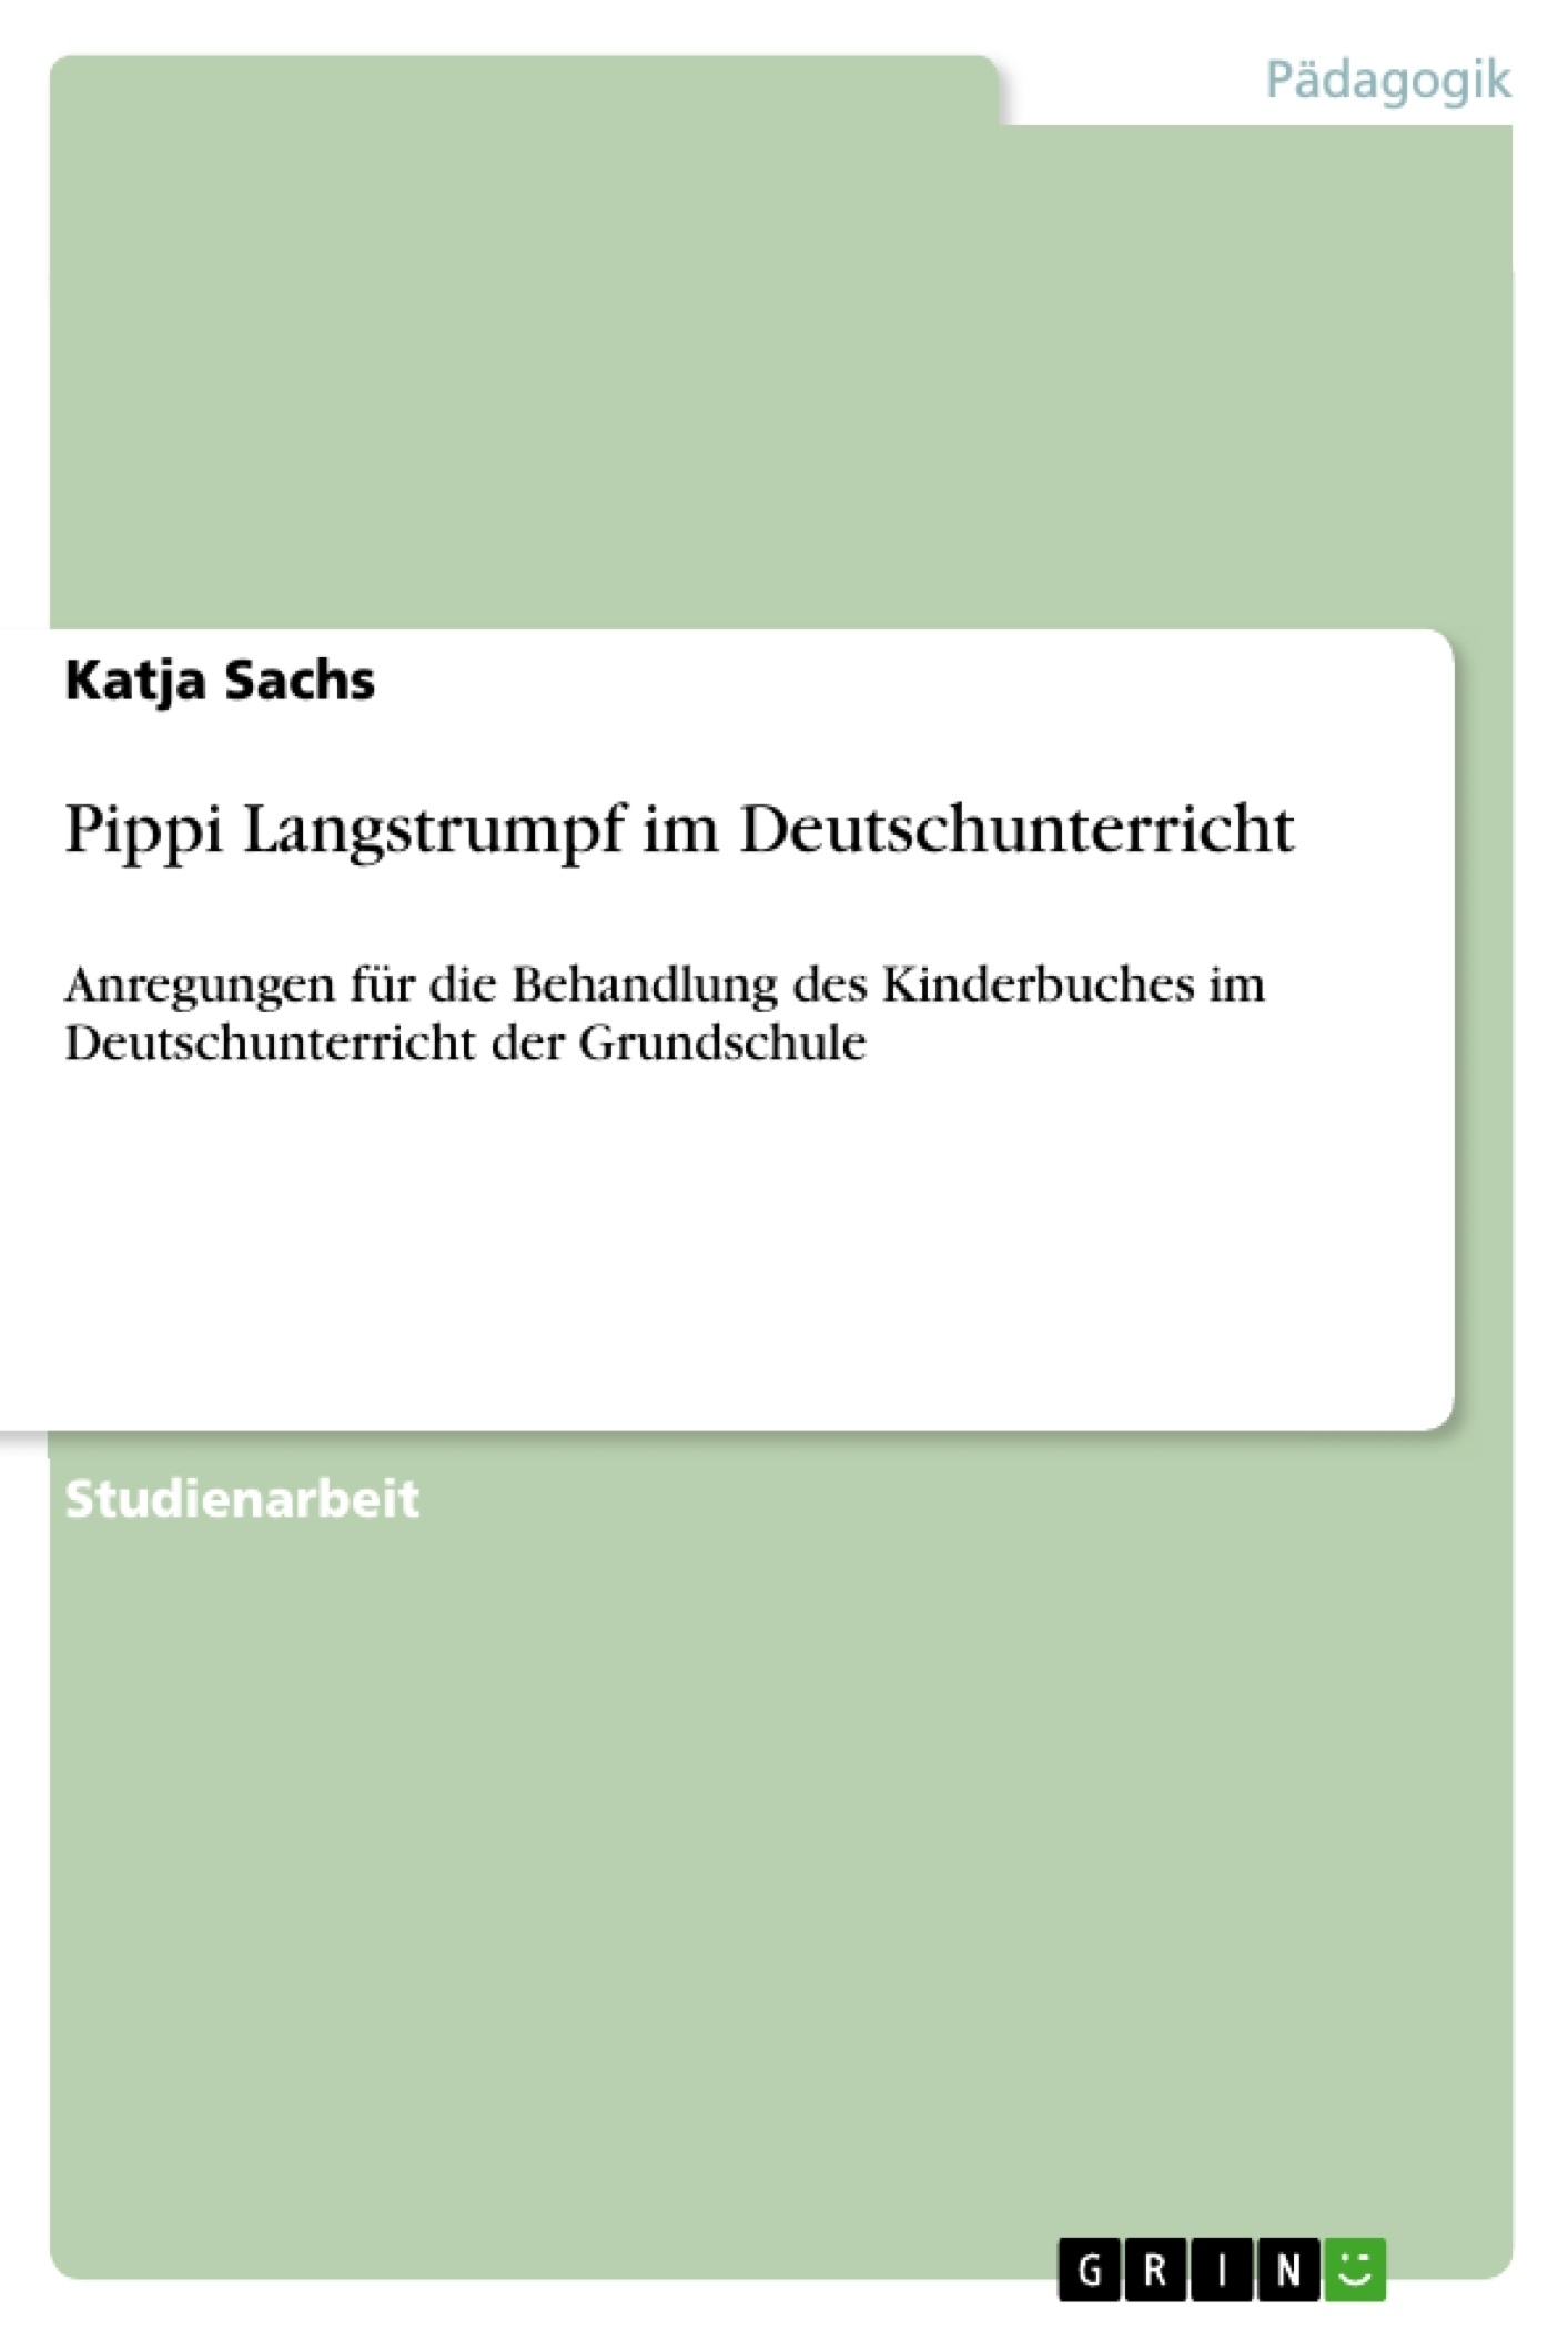 Berühmt Tatsache Familie Arbeitsblatt Ideen - Mathe Arbeitsblatt ...